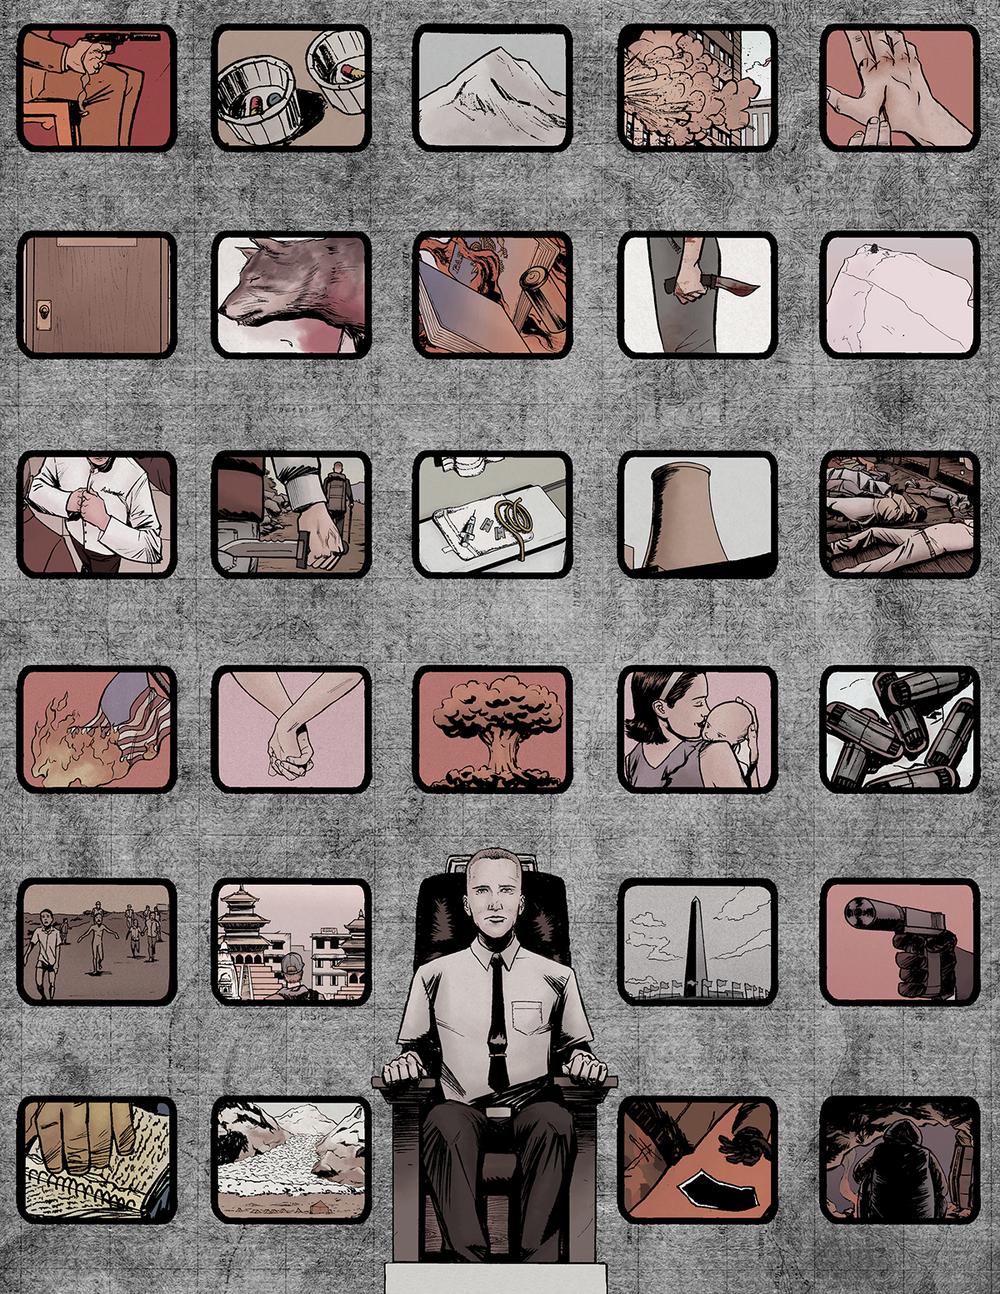 marsmicrofilmzanx2.jpg